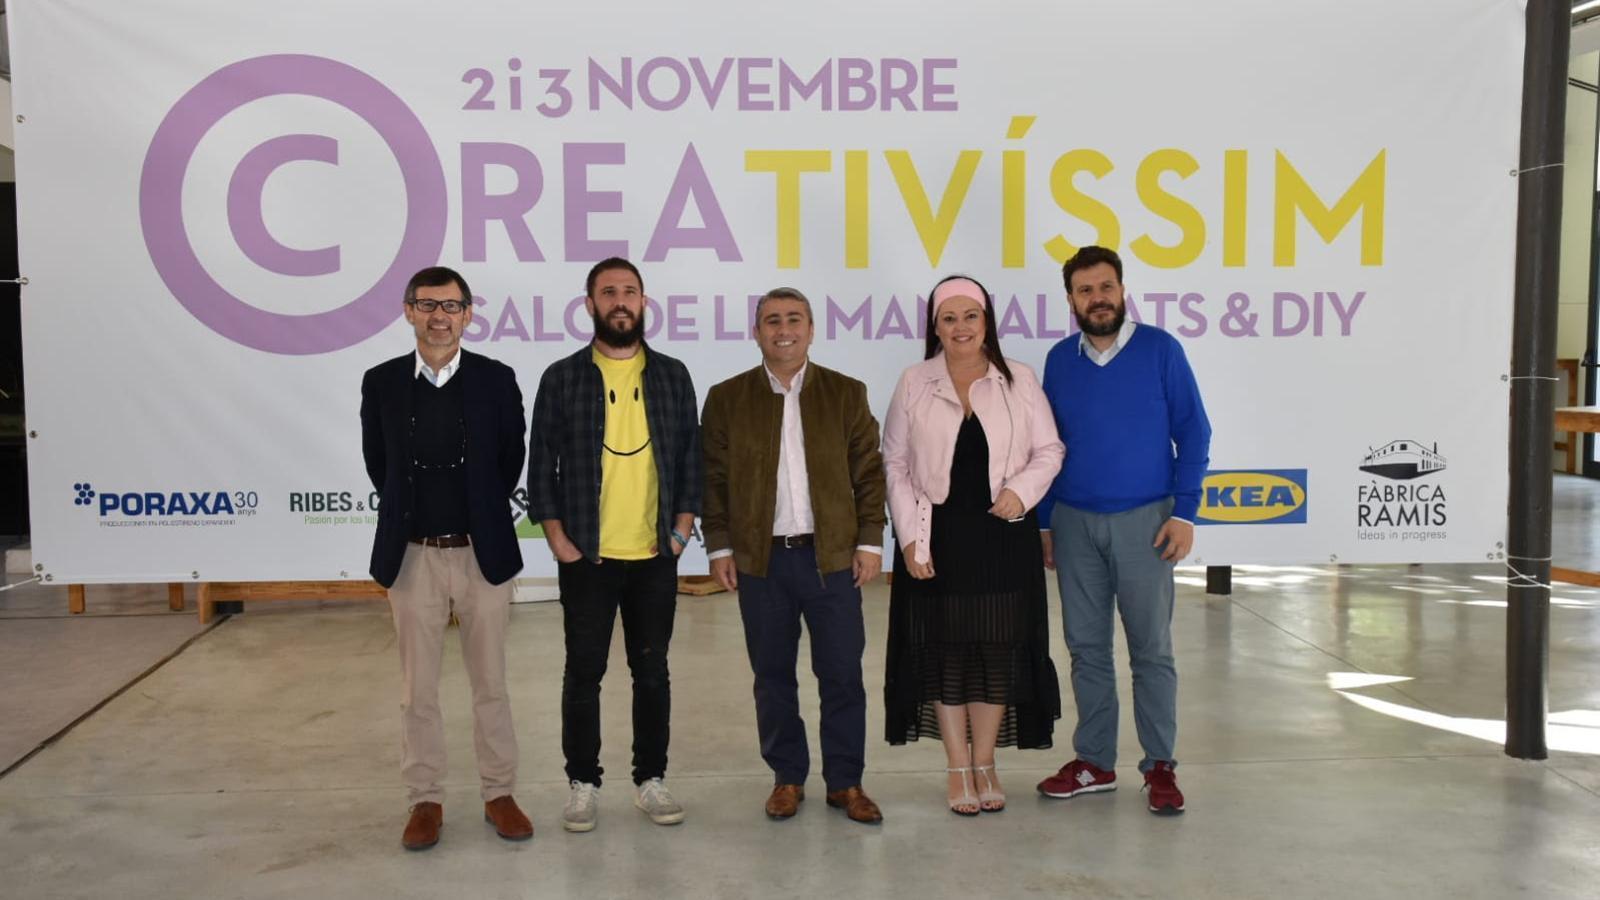 Presentació del Saló Creativíssim, que tindrà lloc a la Fàbrica  Ramis.